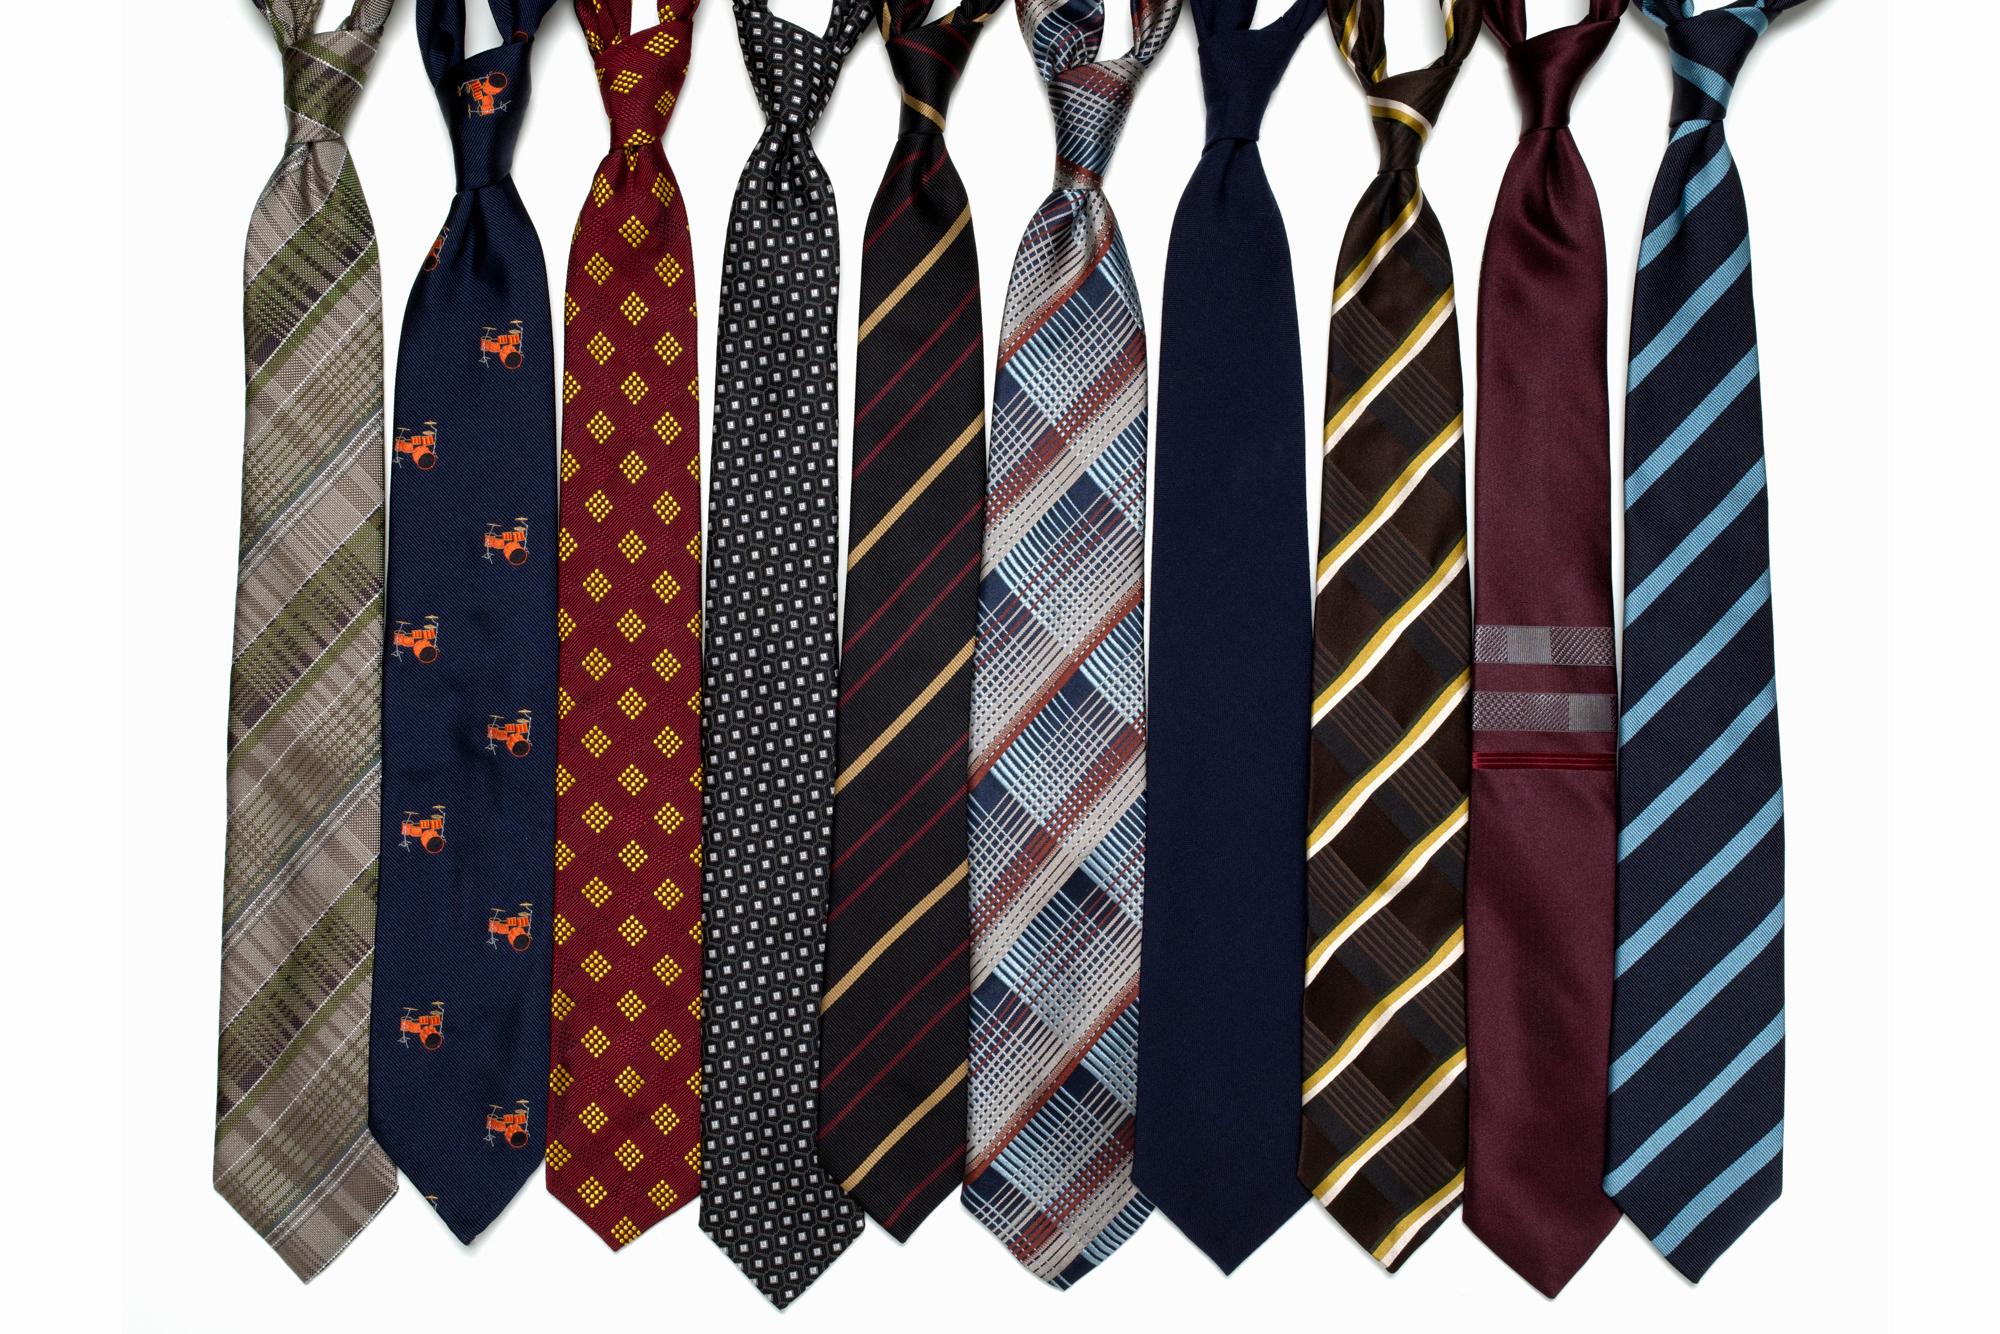 Жене картинки, картинки галстуки мужские